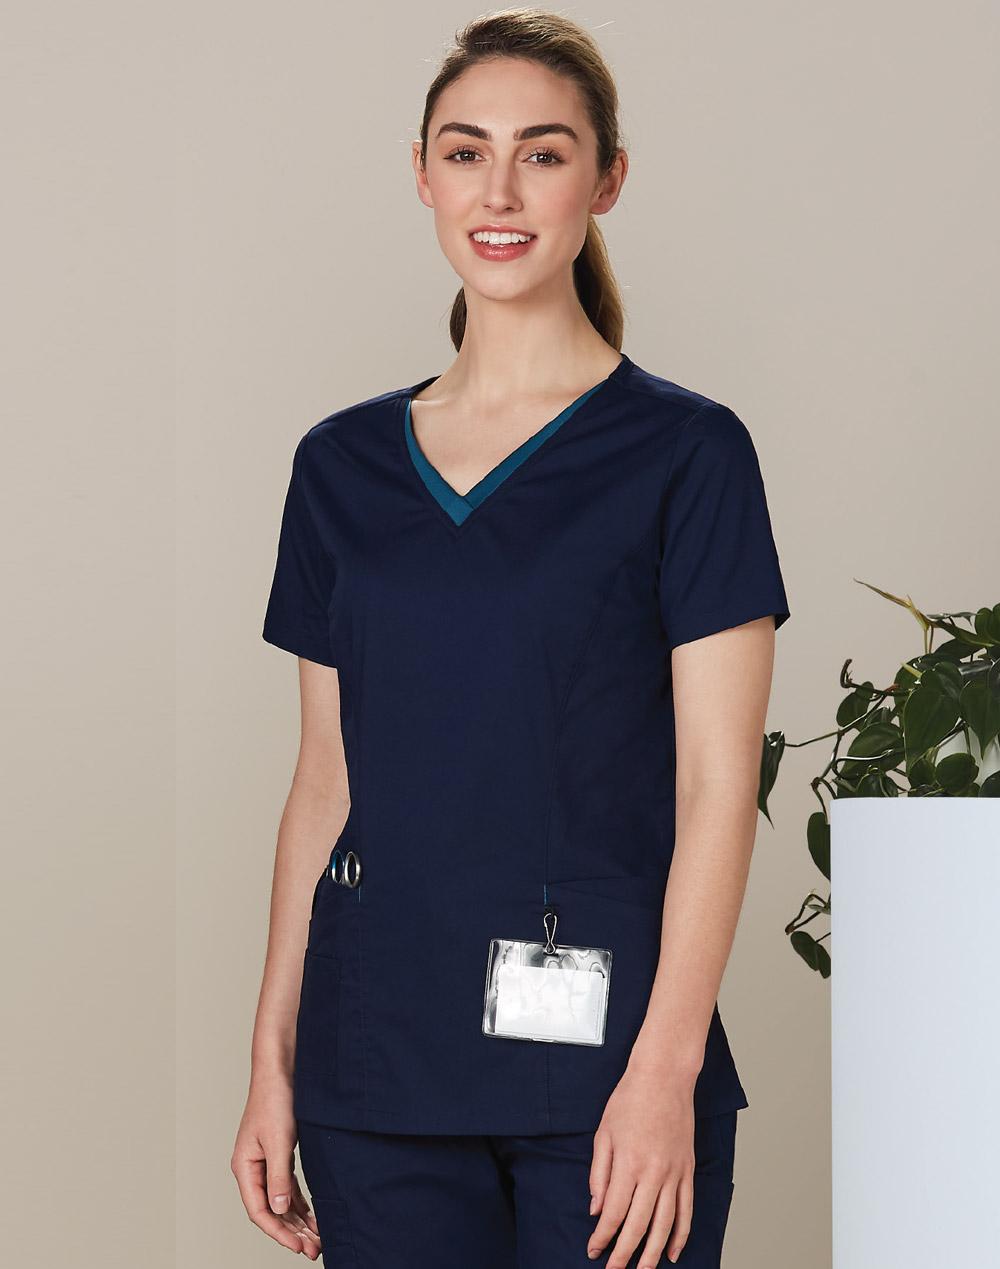 Royal Blue Scrubs for Women | Women's V-Neck Scrub ...